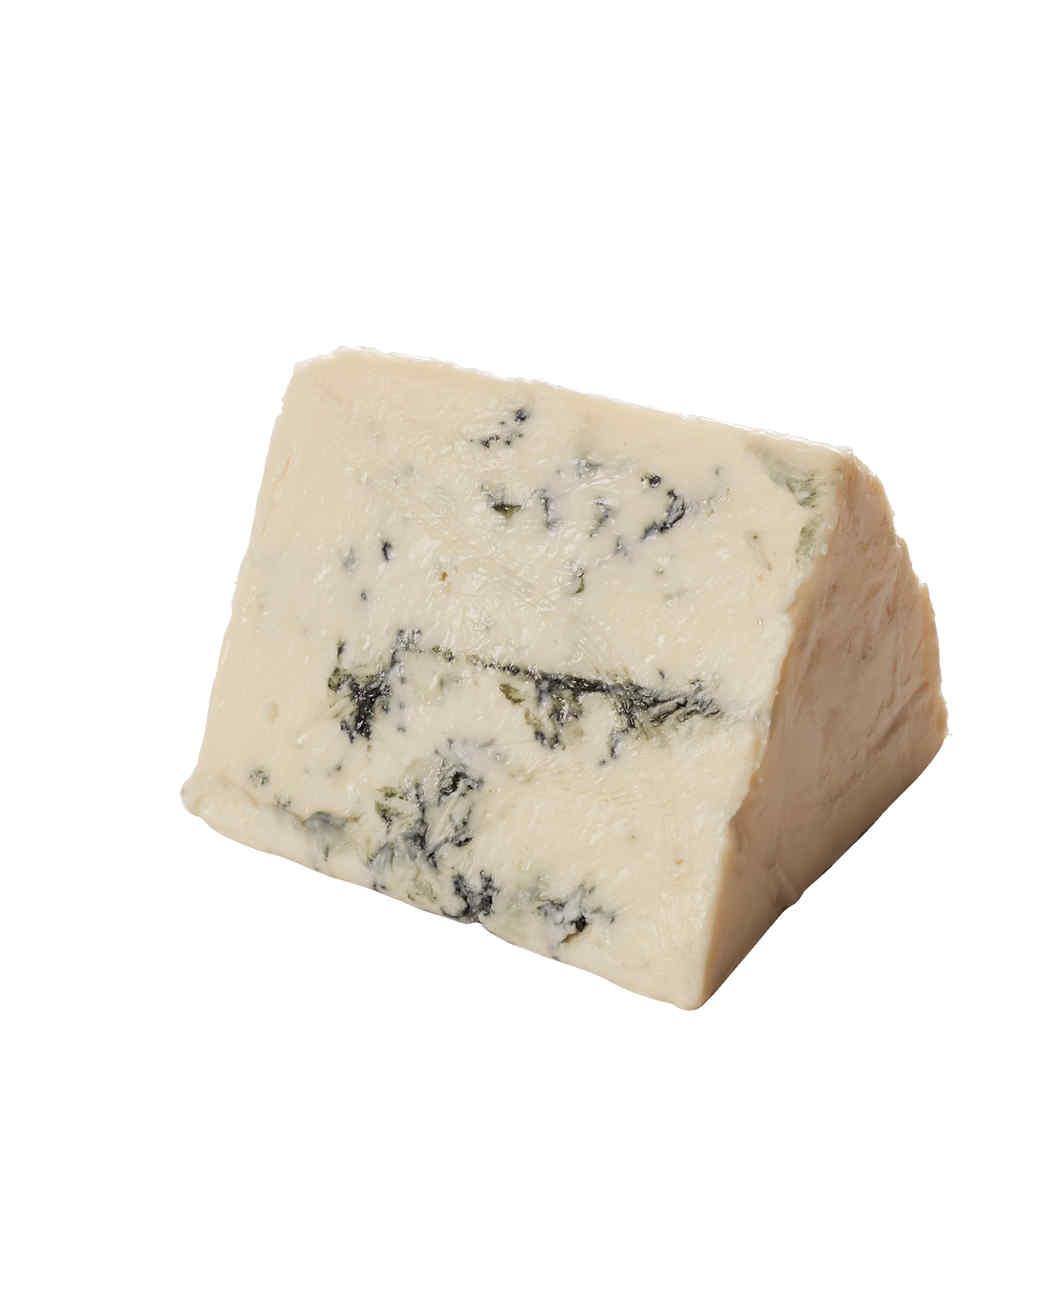 blue-cheese-052-d111263.jpg